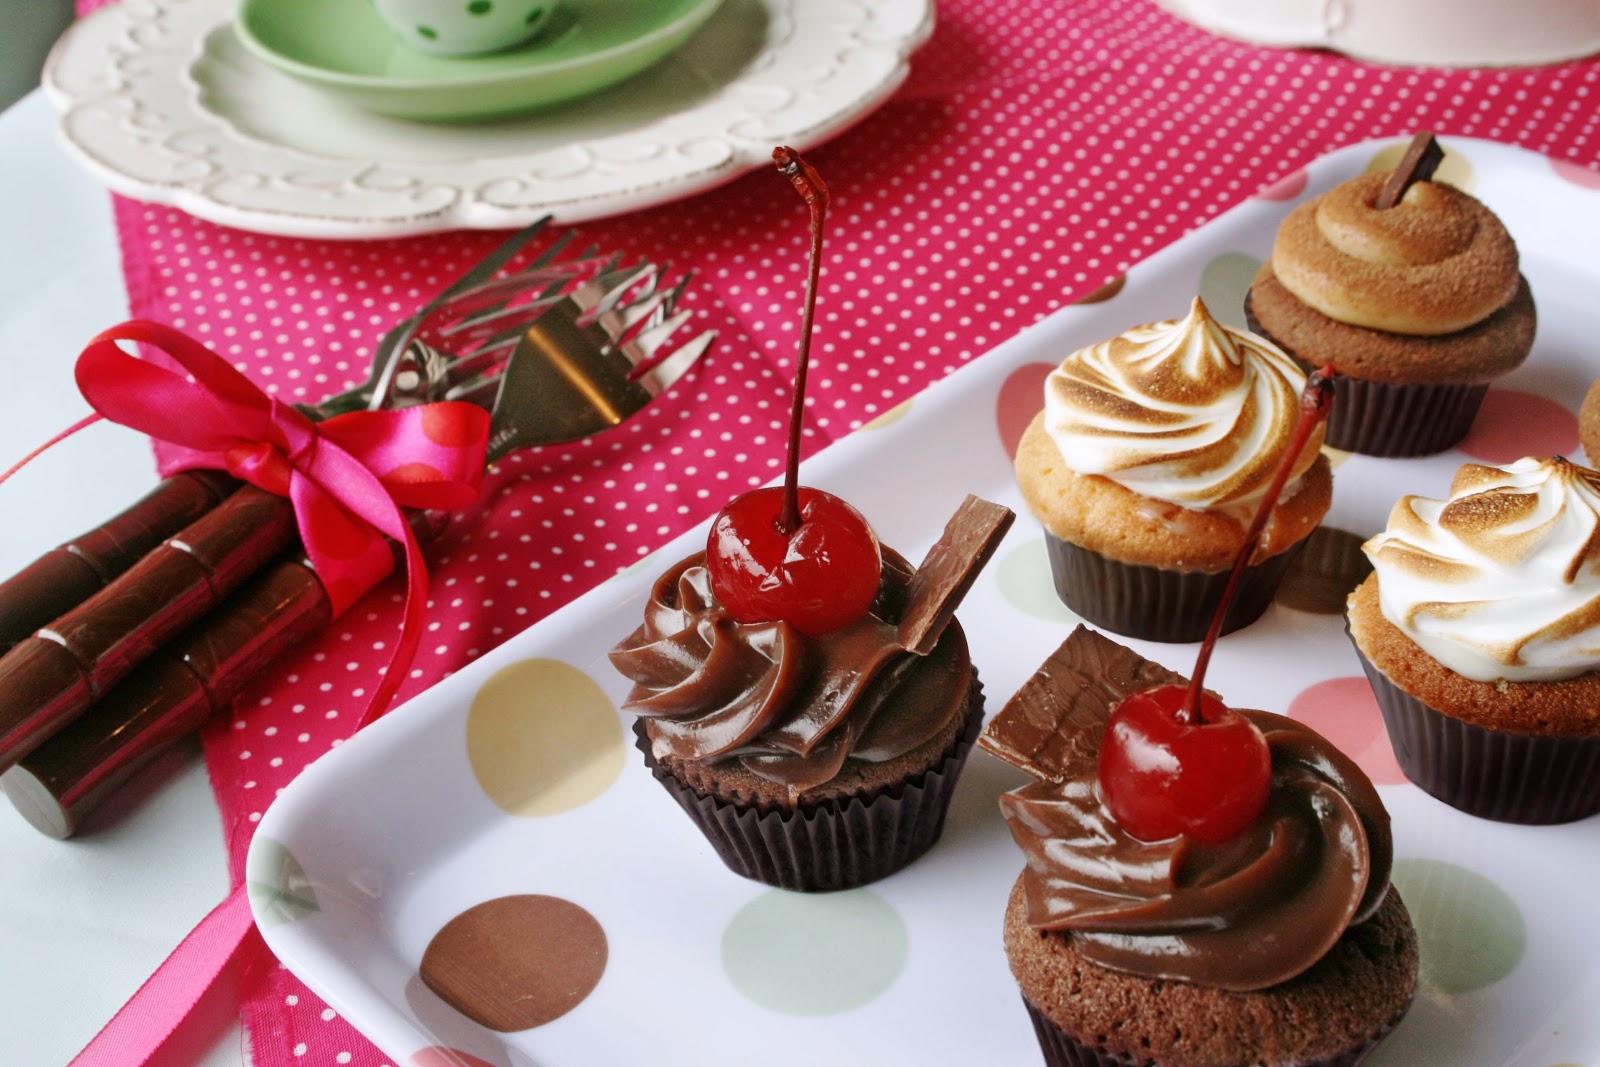 40bc78bac5 A Cupcake Company será a responsável pela mesa de doces da festa de  aniversário de um ano da Cervejaria Devassa em Curitiba